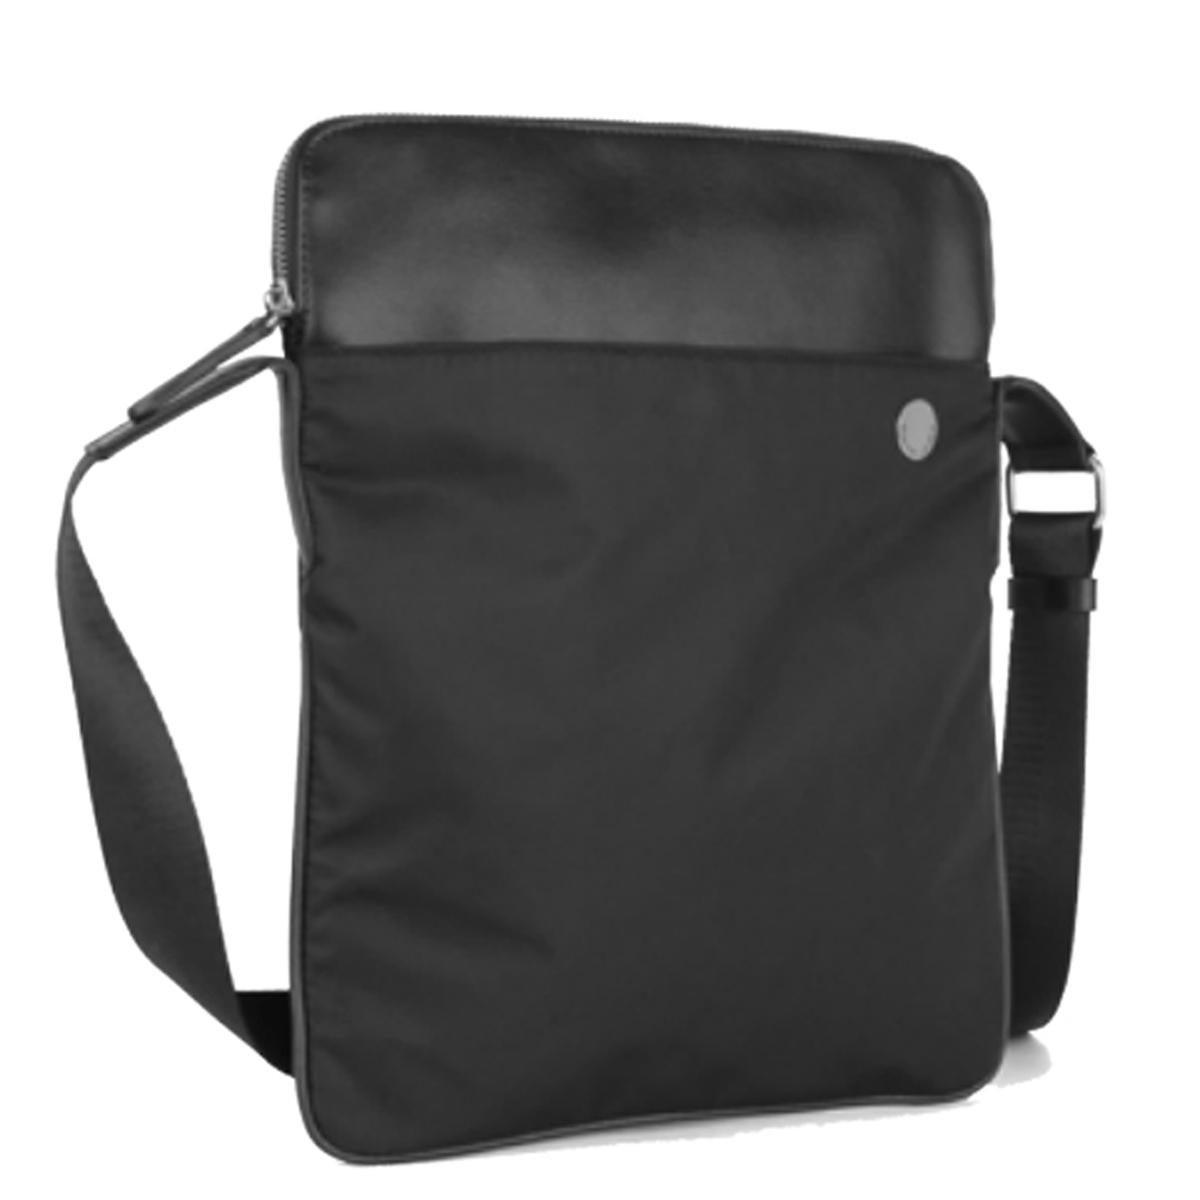 Grand sac porté-croisé \'Pierre Cardin\' noir (ultra plat) - 335x28x3 cm - [Q7183]